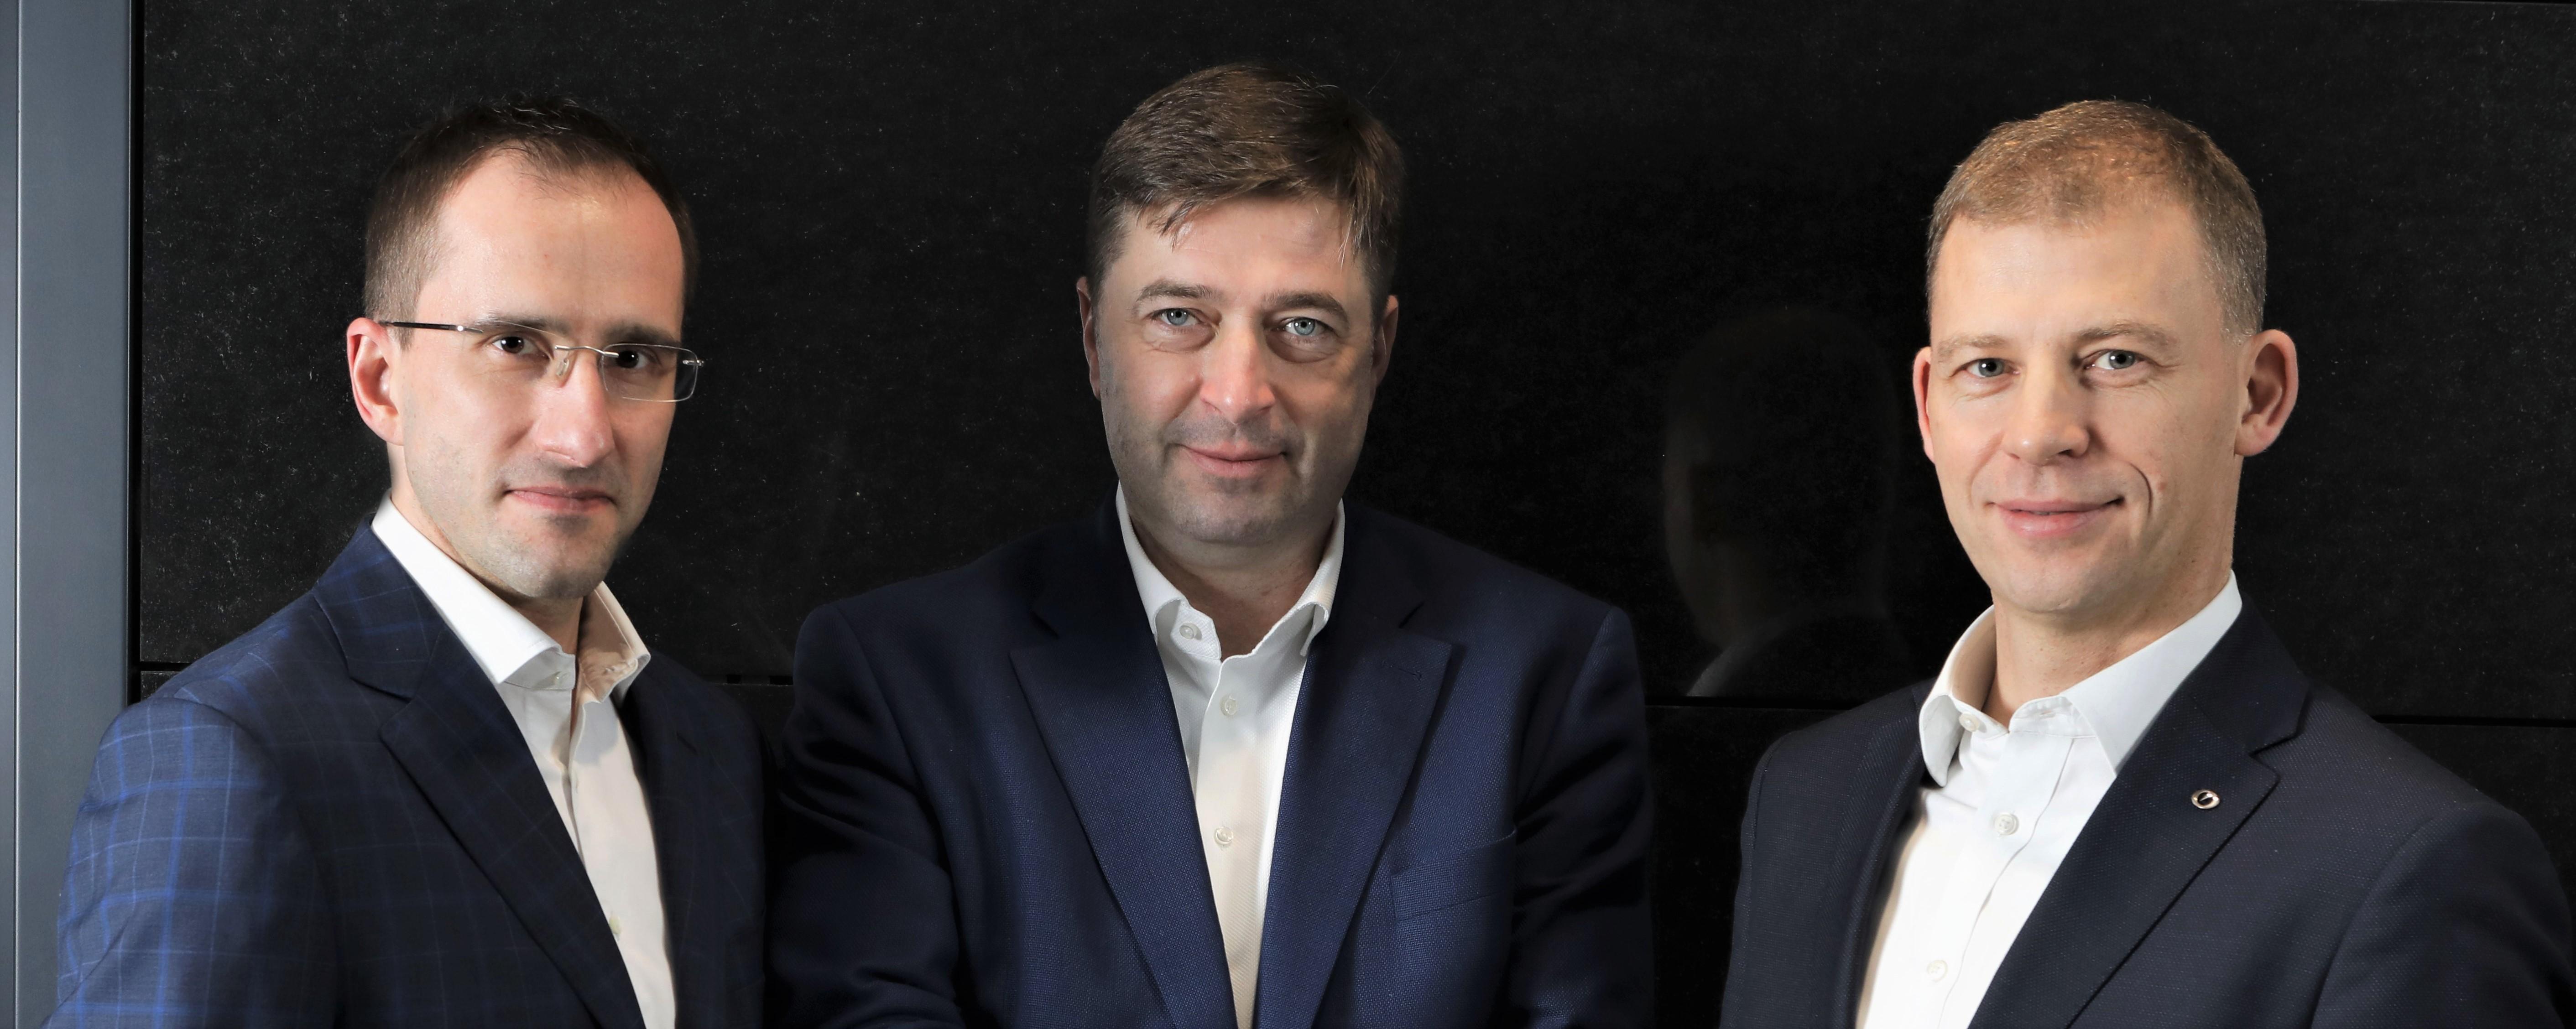 Grupa MAK-STBU. Od lewej – Bartosz Grześkowiak, Andrzej Wasilewski, Adam Lewandowski